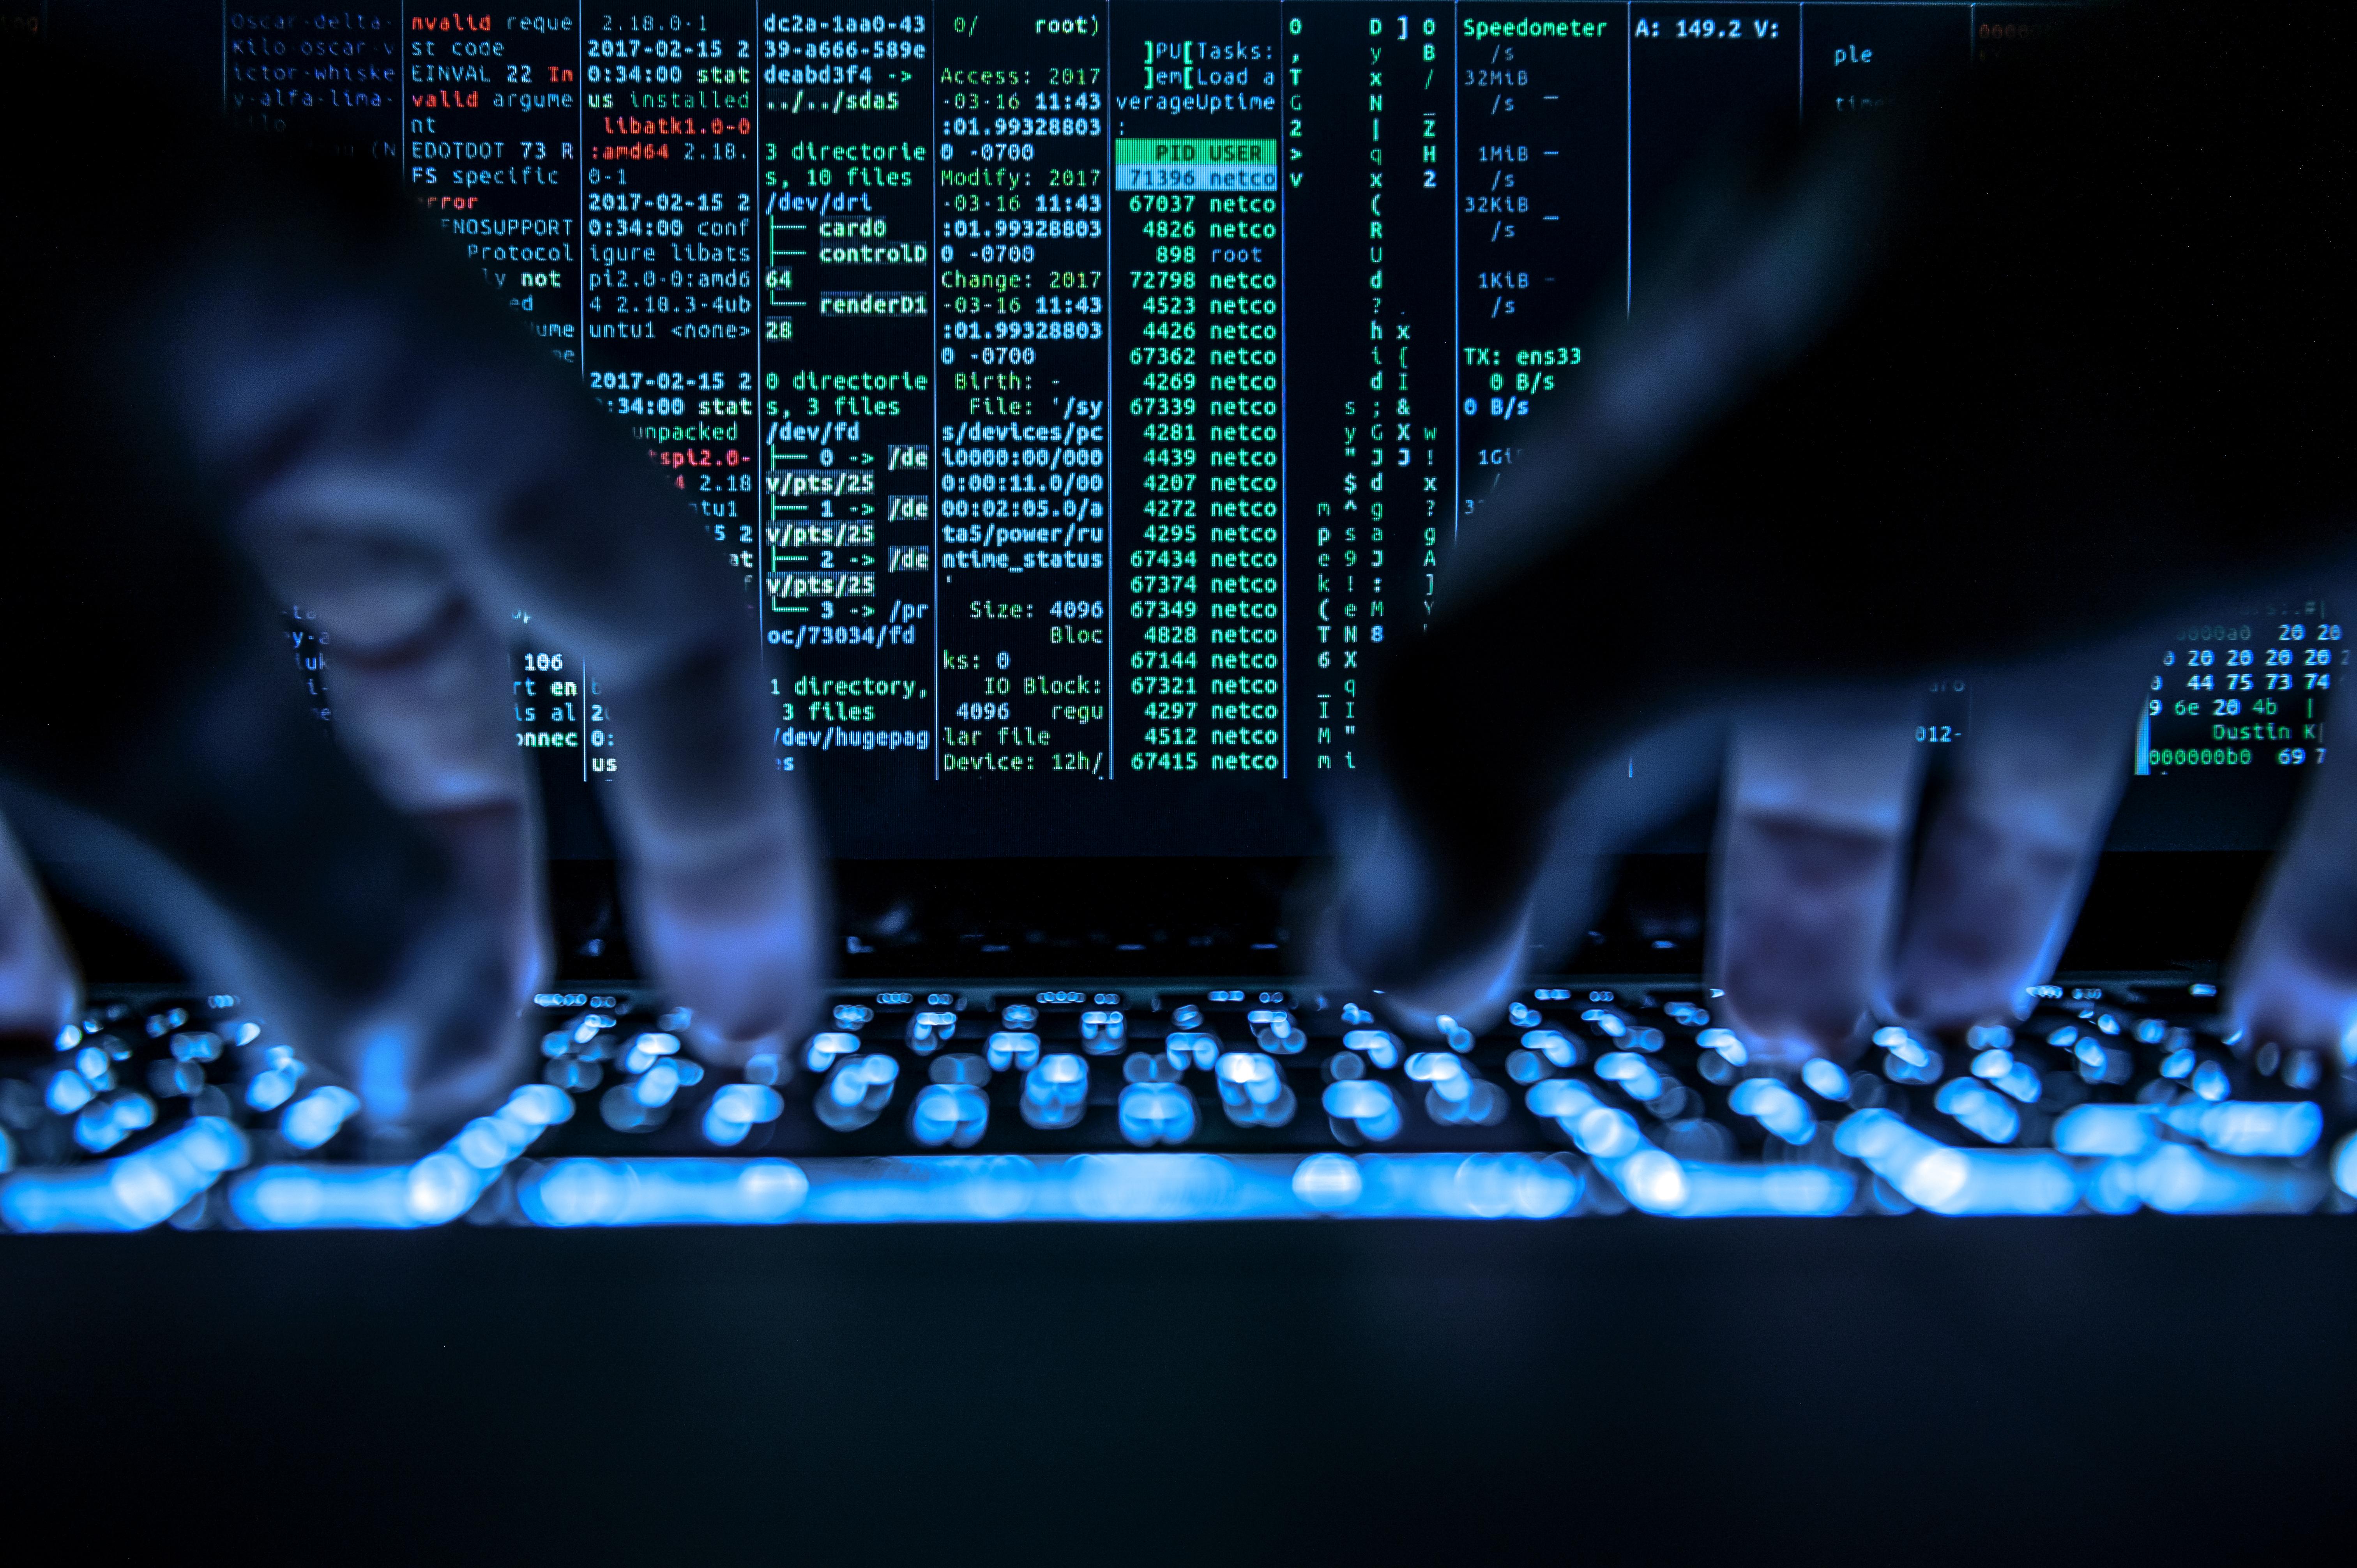 Kalózprogram helyett adathalász vírust telepített a gépére az egyetemista, ezzel zsarolóvírust szabadított a kutatóintézetre